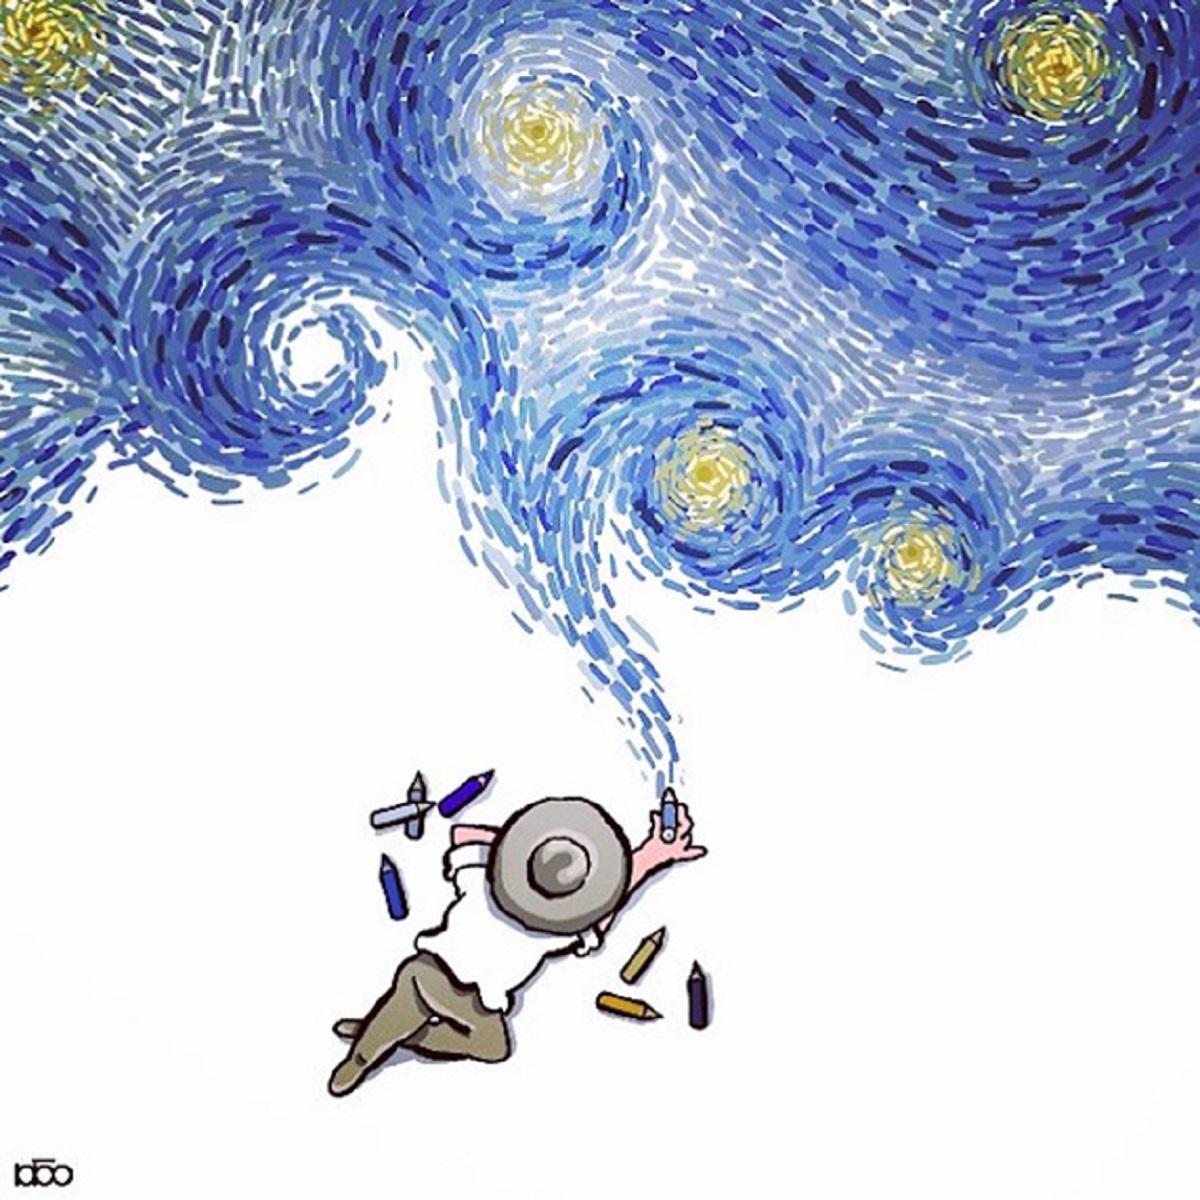 Karimi Van Gogh 08 - Ilustrador Iraniano desenhou a vida de Van Gogh em lindos quadrinhos